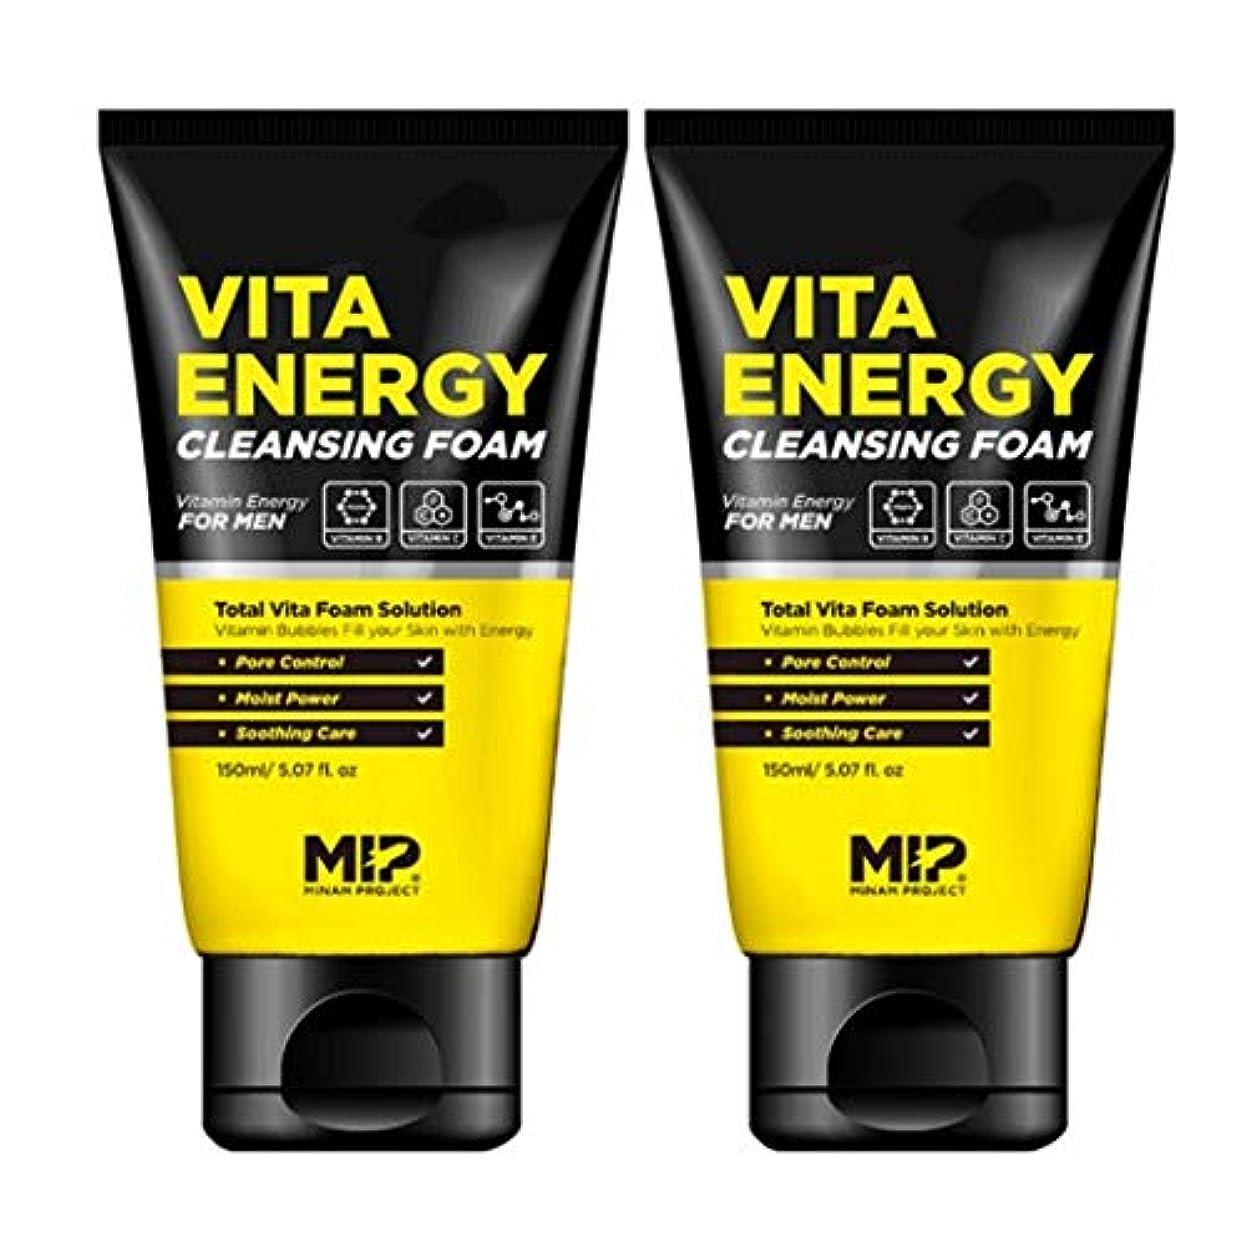 収穫ストライプ手術MIP VITA ENERGY CLEANSING FOAMクレンジング?フォーム300ml MEN's Cosmetic[海外直送品]